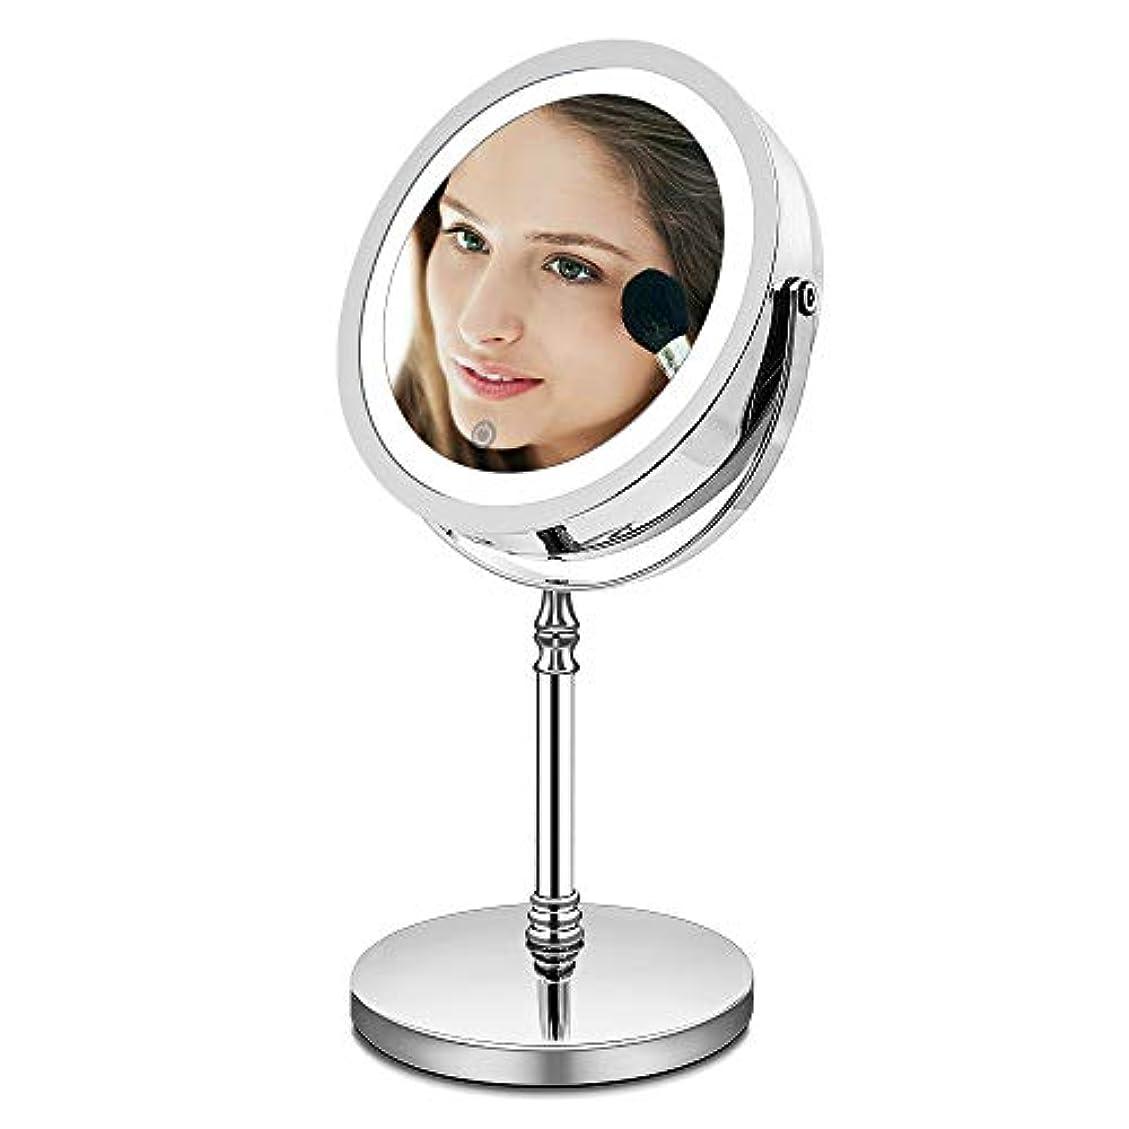 洞窟悲観的ファウルAMZTOLIFE 10倍拡大鏡+等倍鏡 化粧鏡 ライト付き 卓上鏡 ミラー 鏡 化粧ミラー メイクアップミラー スタンドミラー 360度回転 明るさ調節 日本語取扱説明書付き (タイチー)